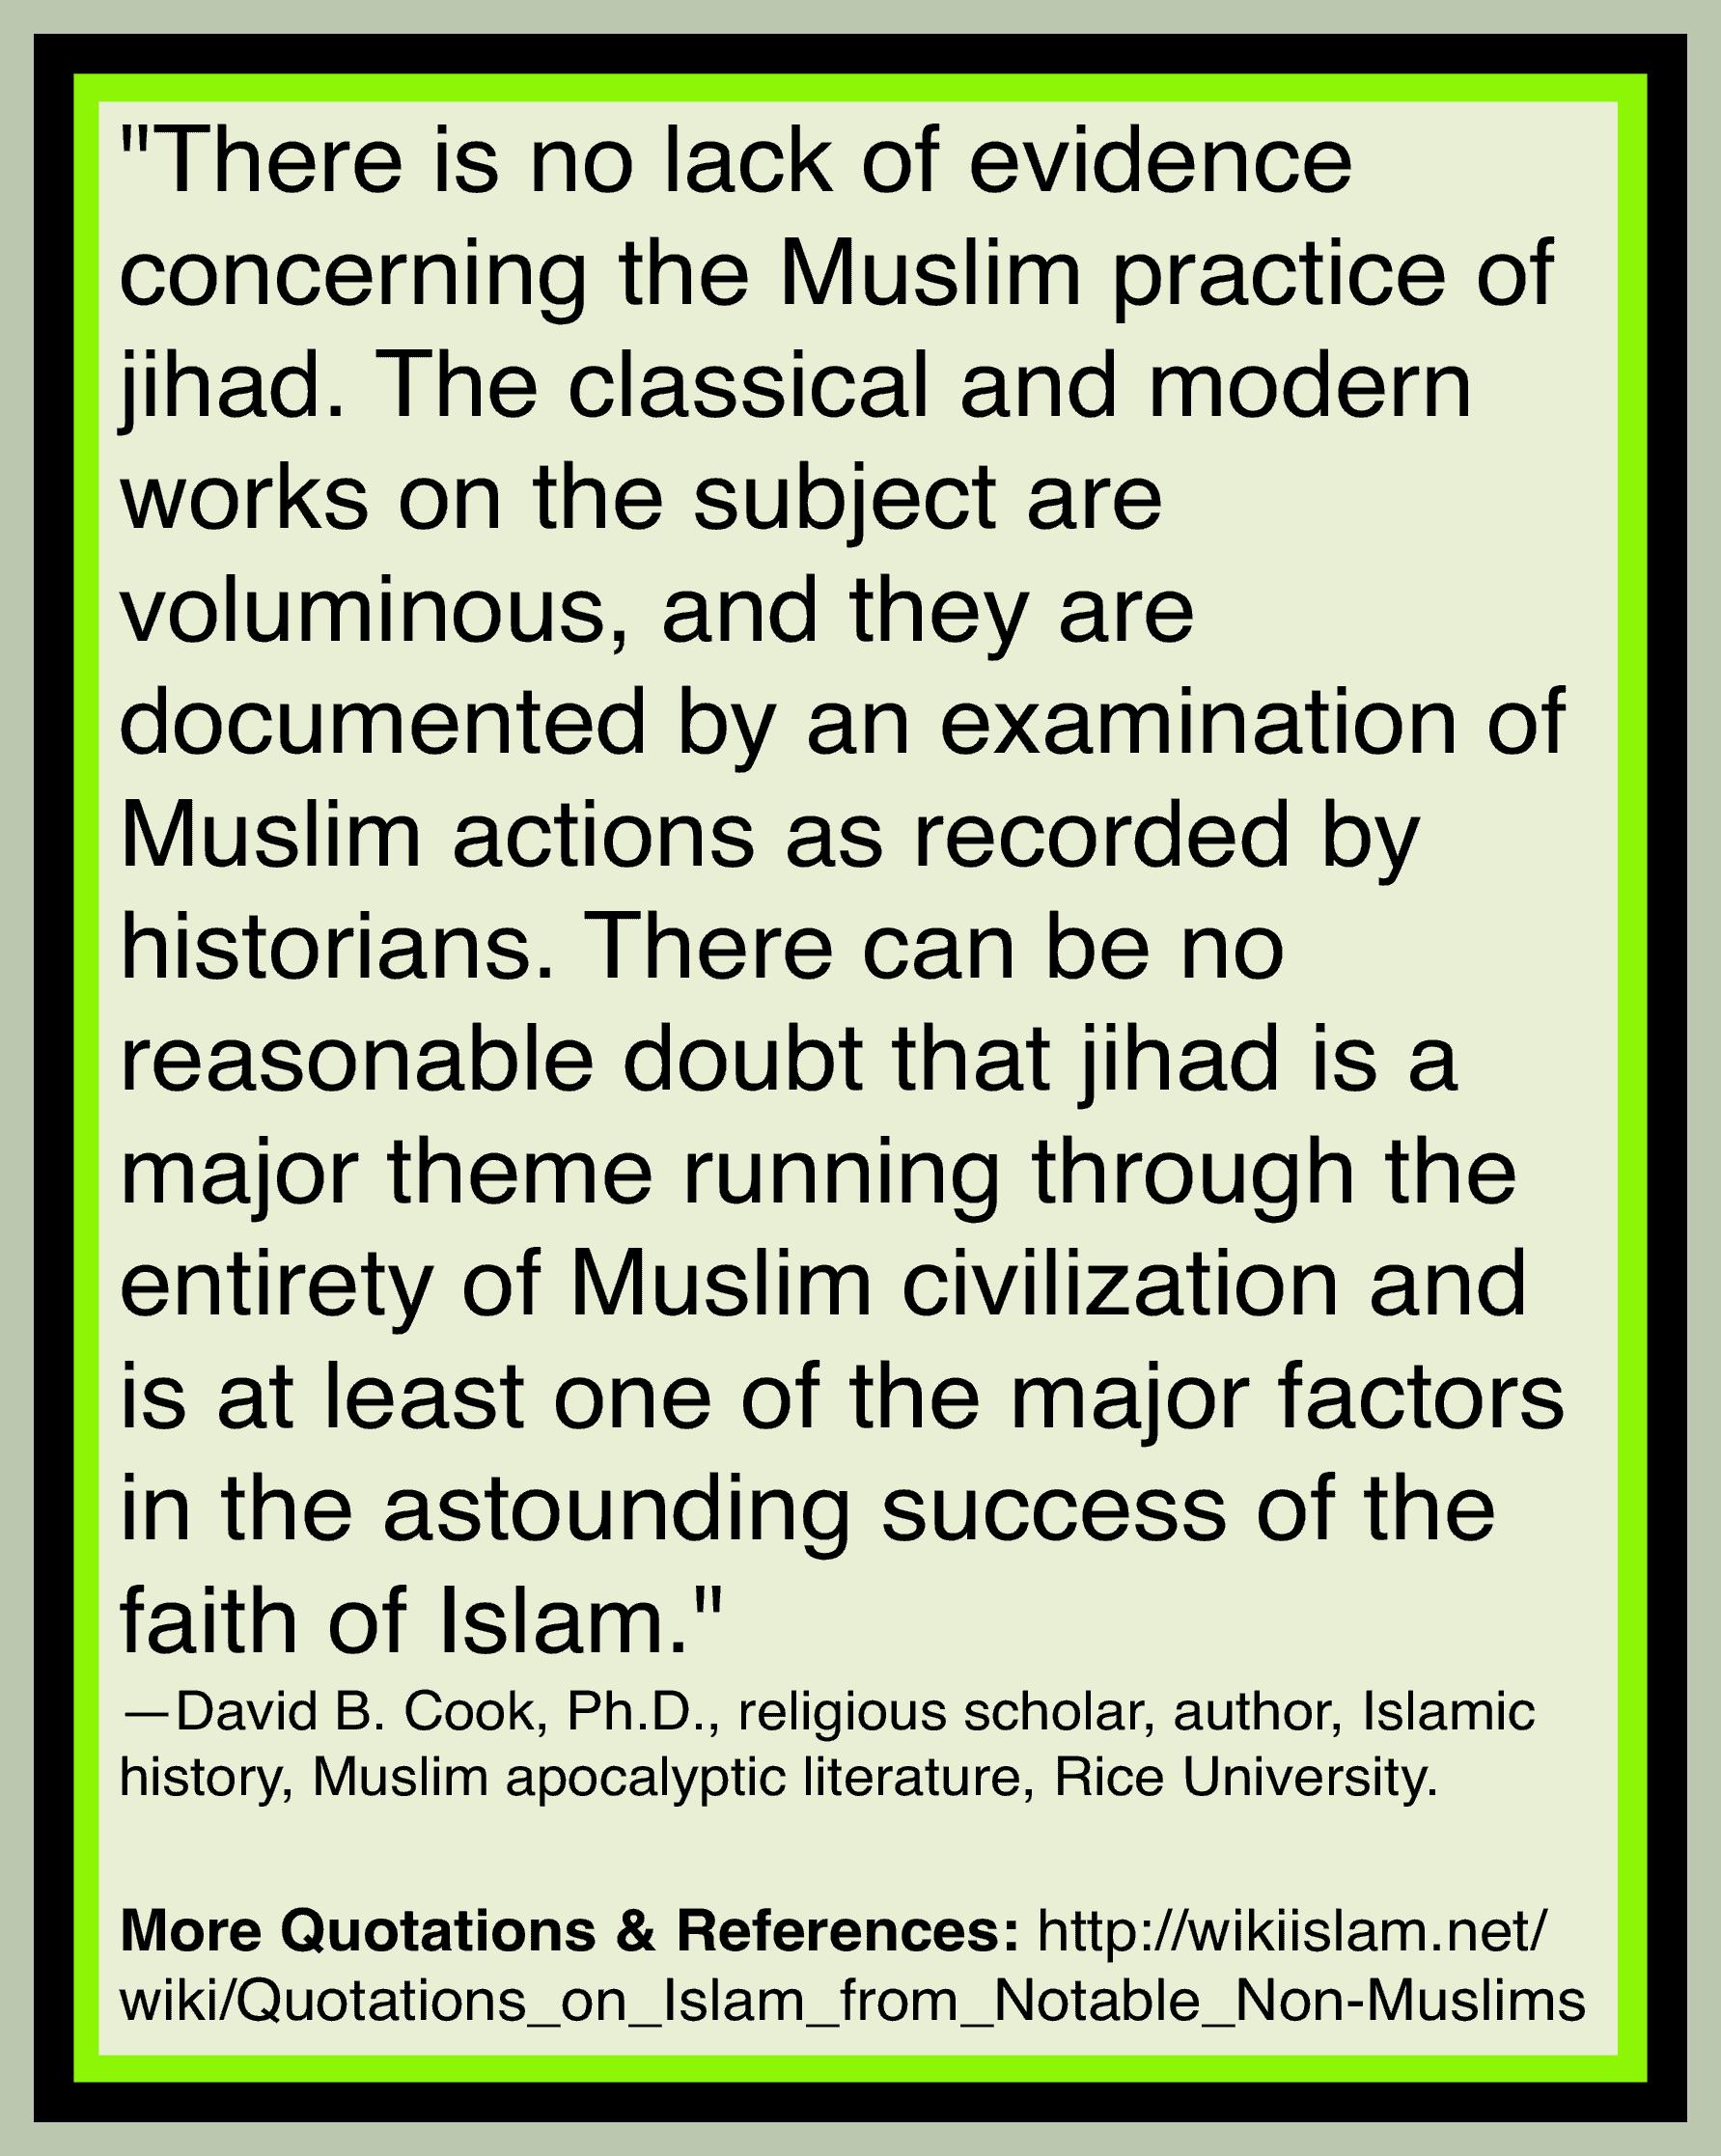 Islam is jihad